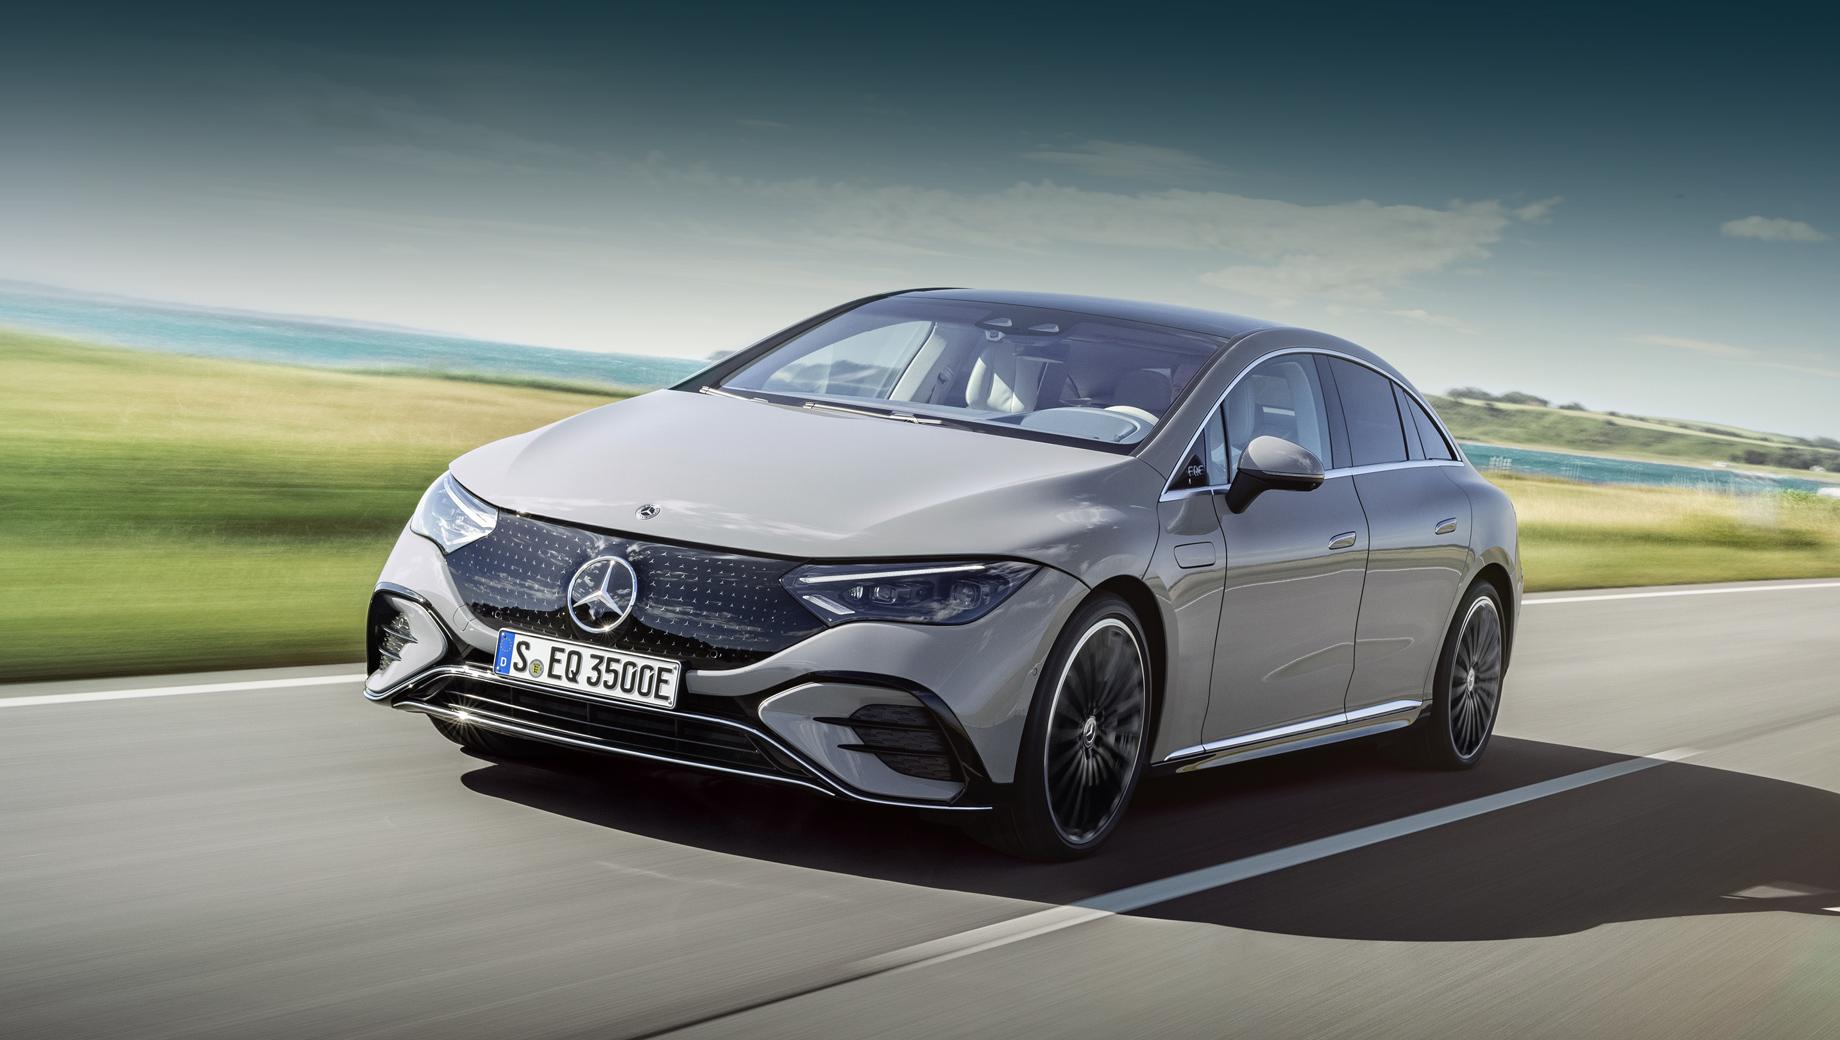 Mercedes eqe. Длина модели равна 4946 мм (на 270 мм меньше, в сравнении с EQS), ширина и высота — 1961 мм (+35) и 1512 мм (паритет). Колёсная база — 3120 мм (–90 мм).